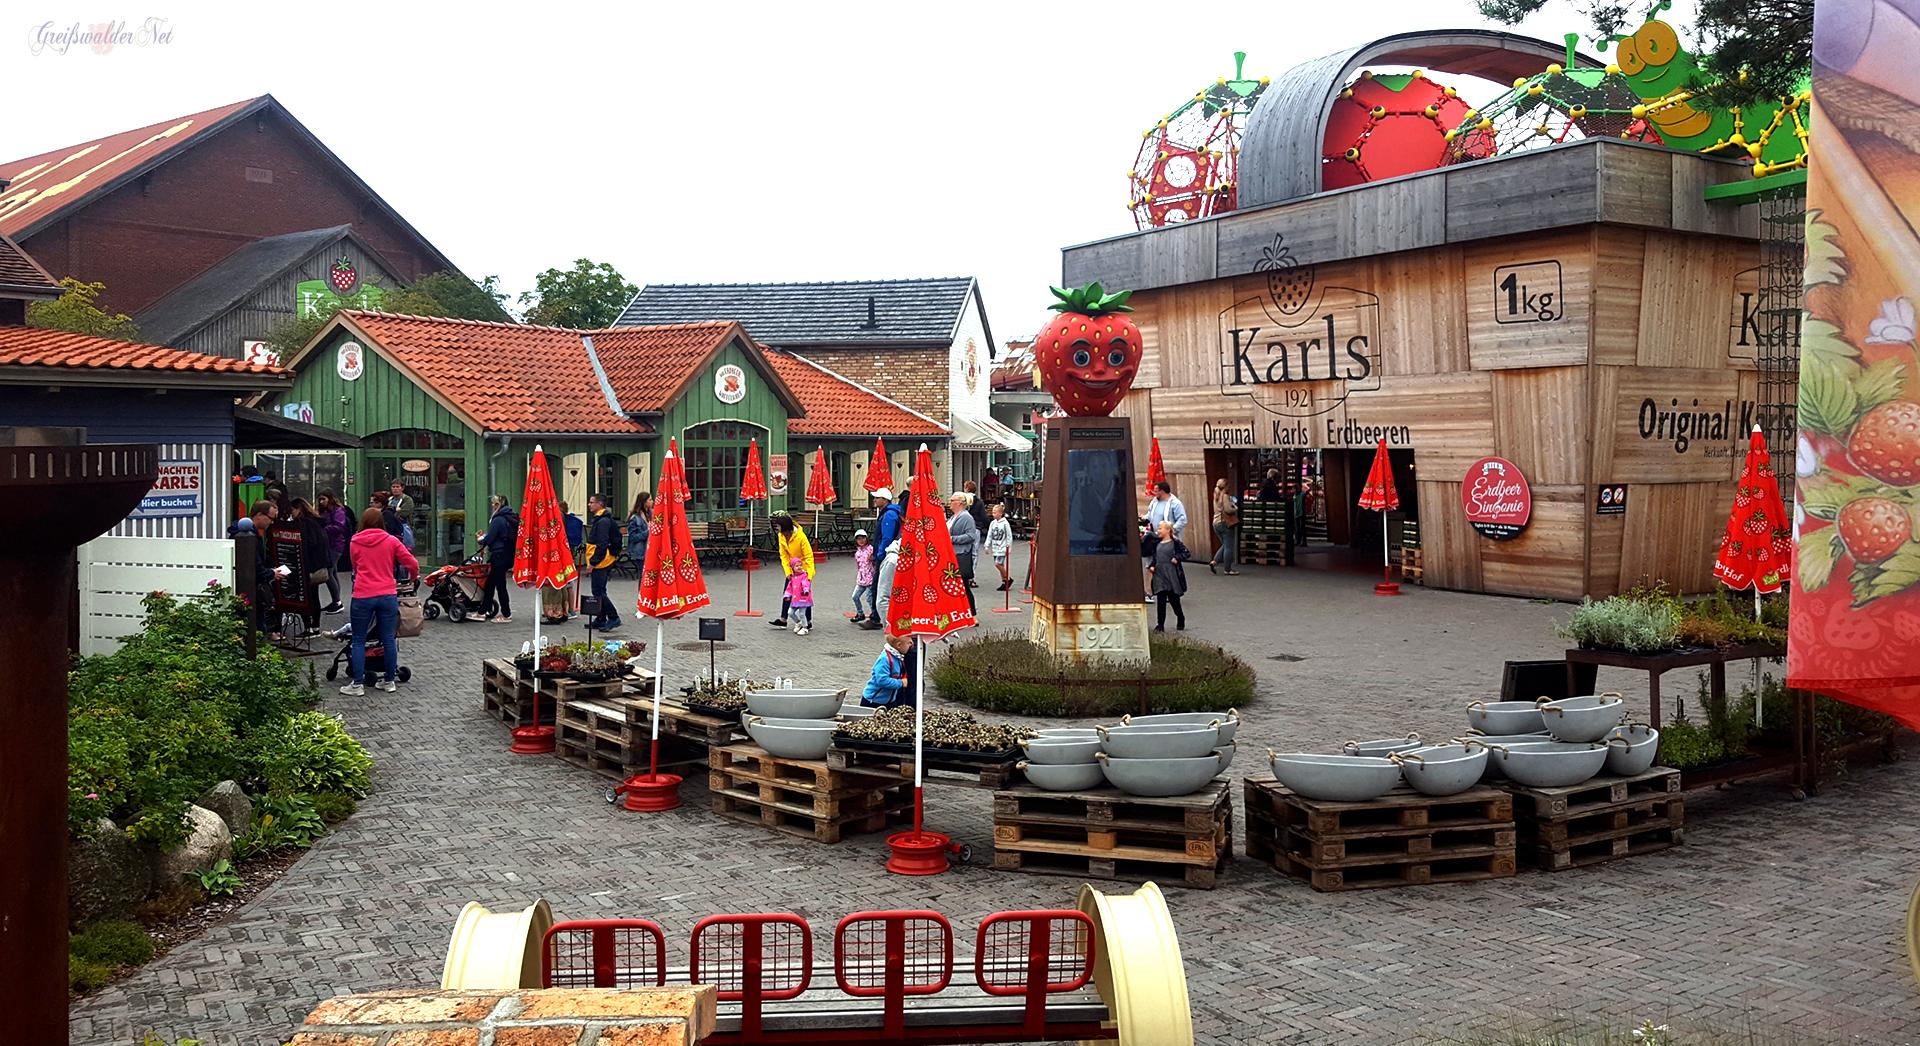 Karls Erlebnis-Dorf Rövershagen